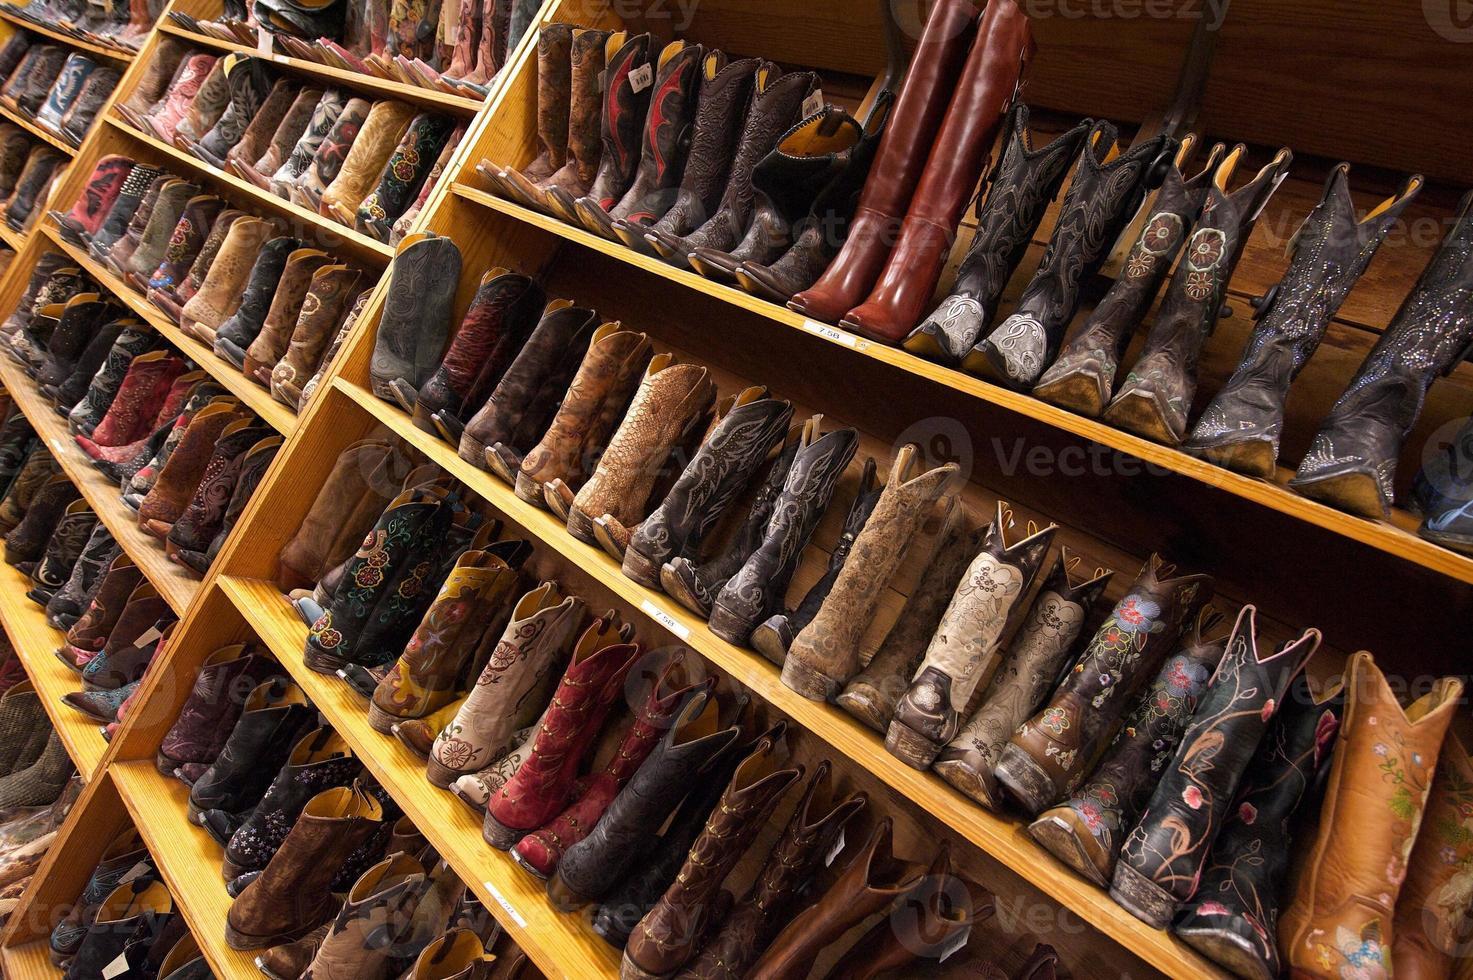 kvinnors cowboystövlar ställer in hyllorna, austin, tx, oss foto